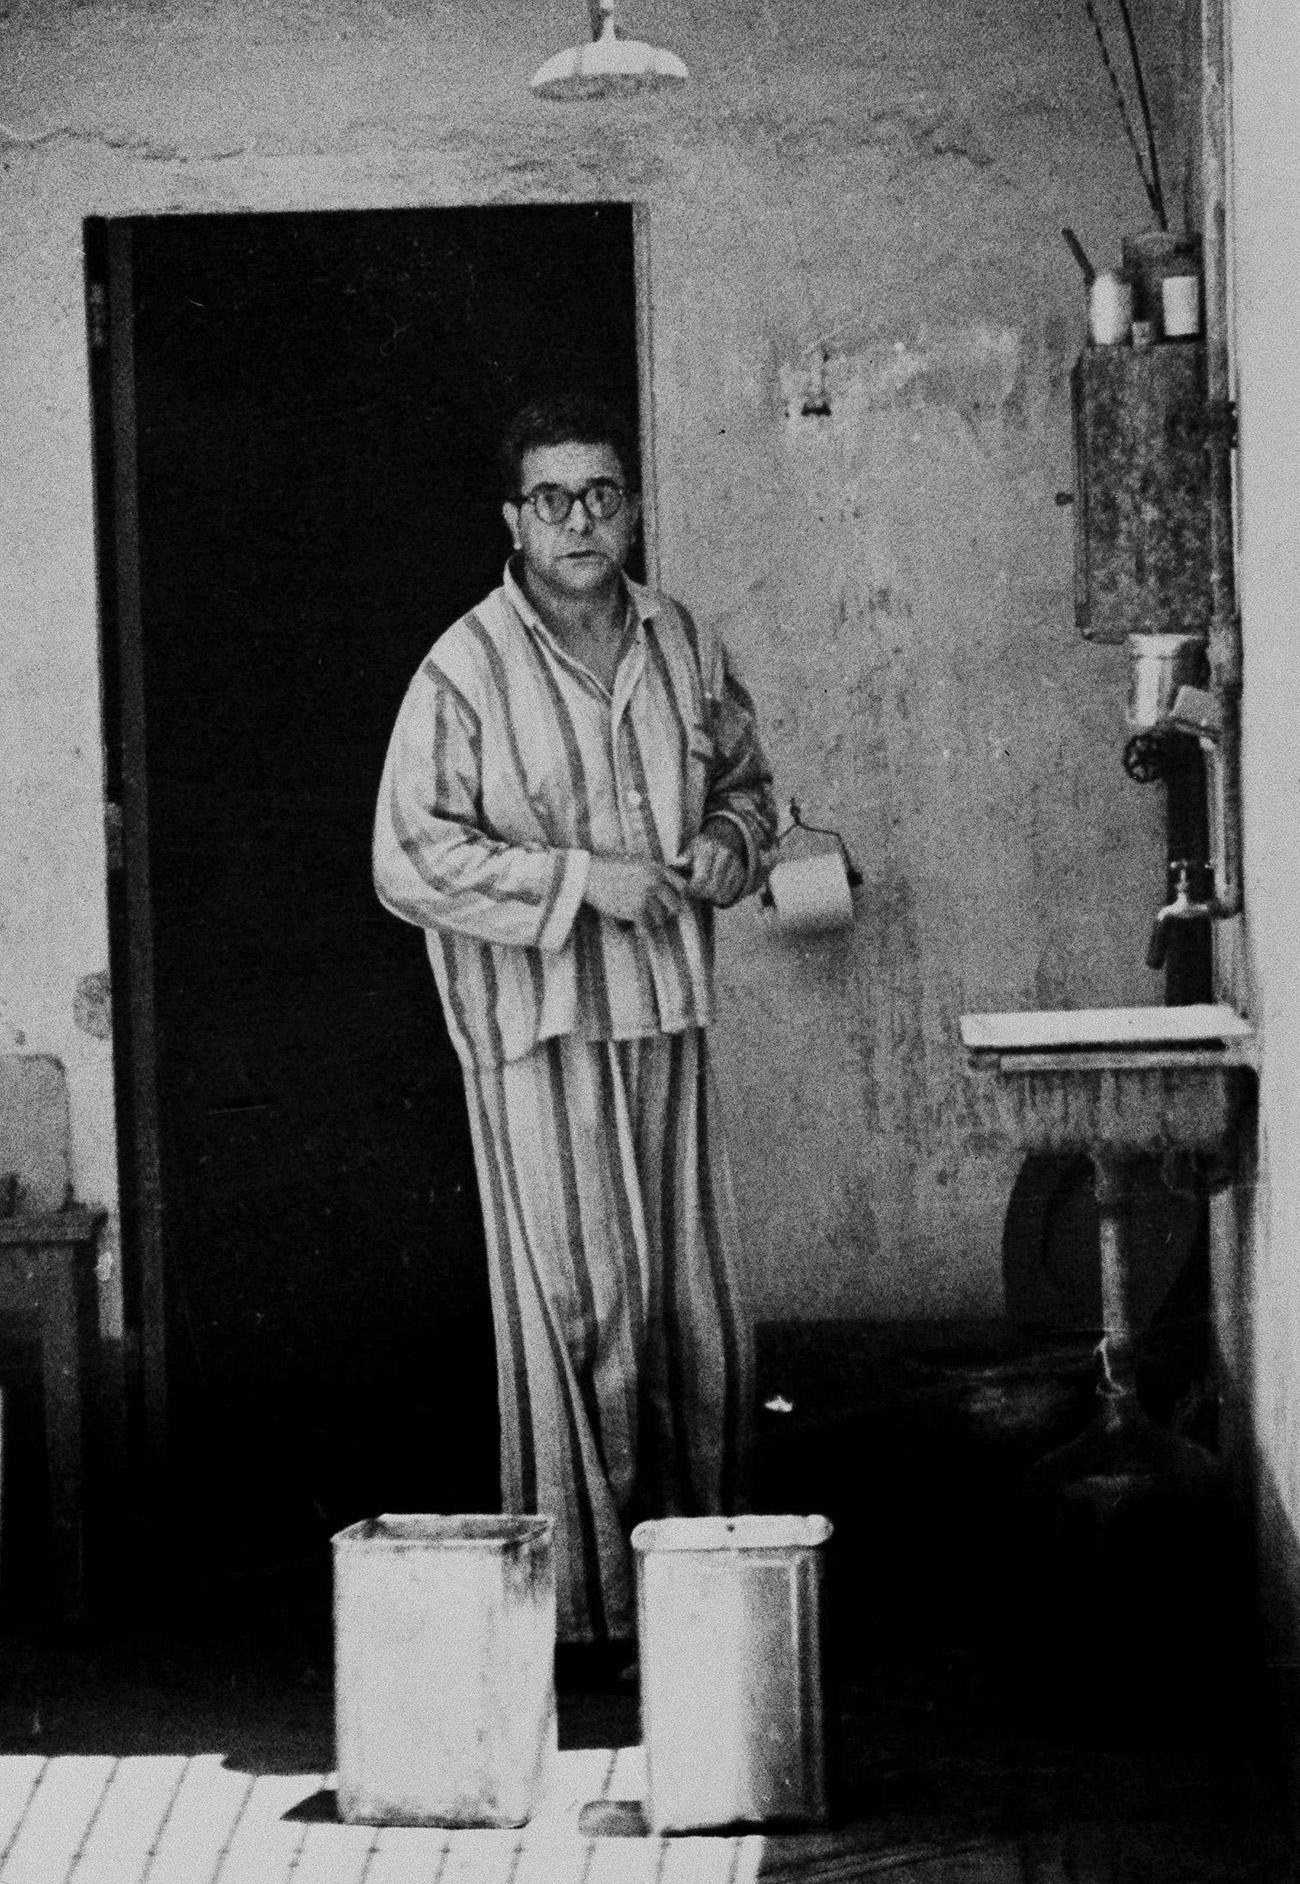 Ramón Mercader na cela onde passou dez anos, metade de sua pena. Essa foto foi tirada em 16 de julho de 1950. Até então não tinha voluntariamente para uma fotografia desde que fora condenado. Pagava por uma cela privada por meio de seu advogado e não dava sinais de querer deixar a cadeia (Foto: AP)